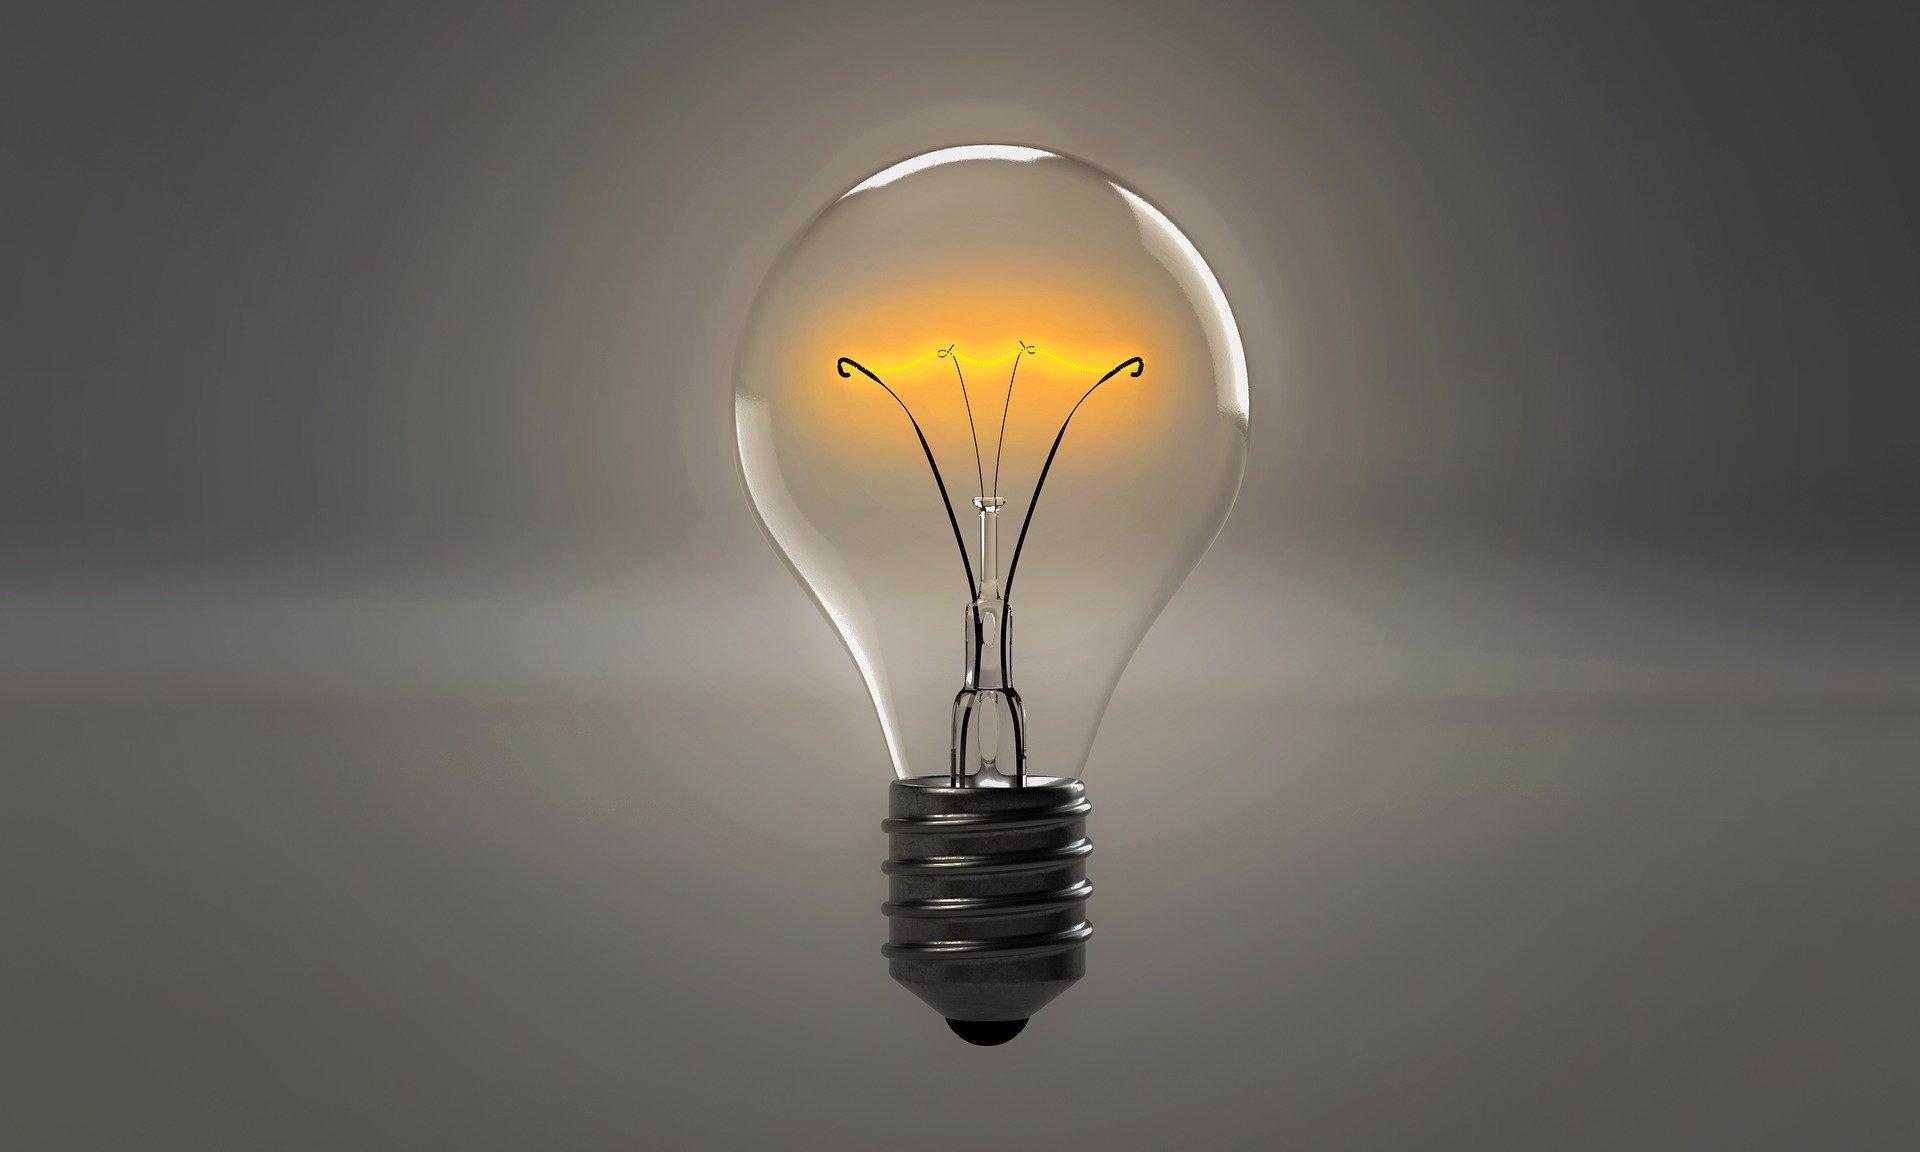 lightbulb 1875247 1920